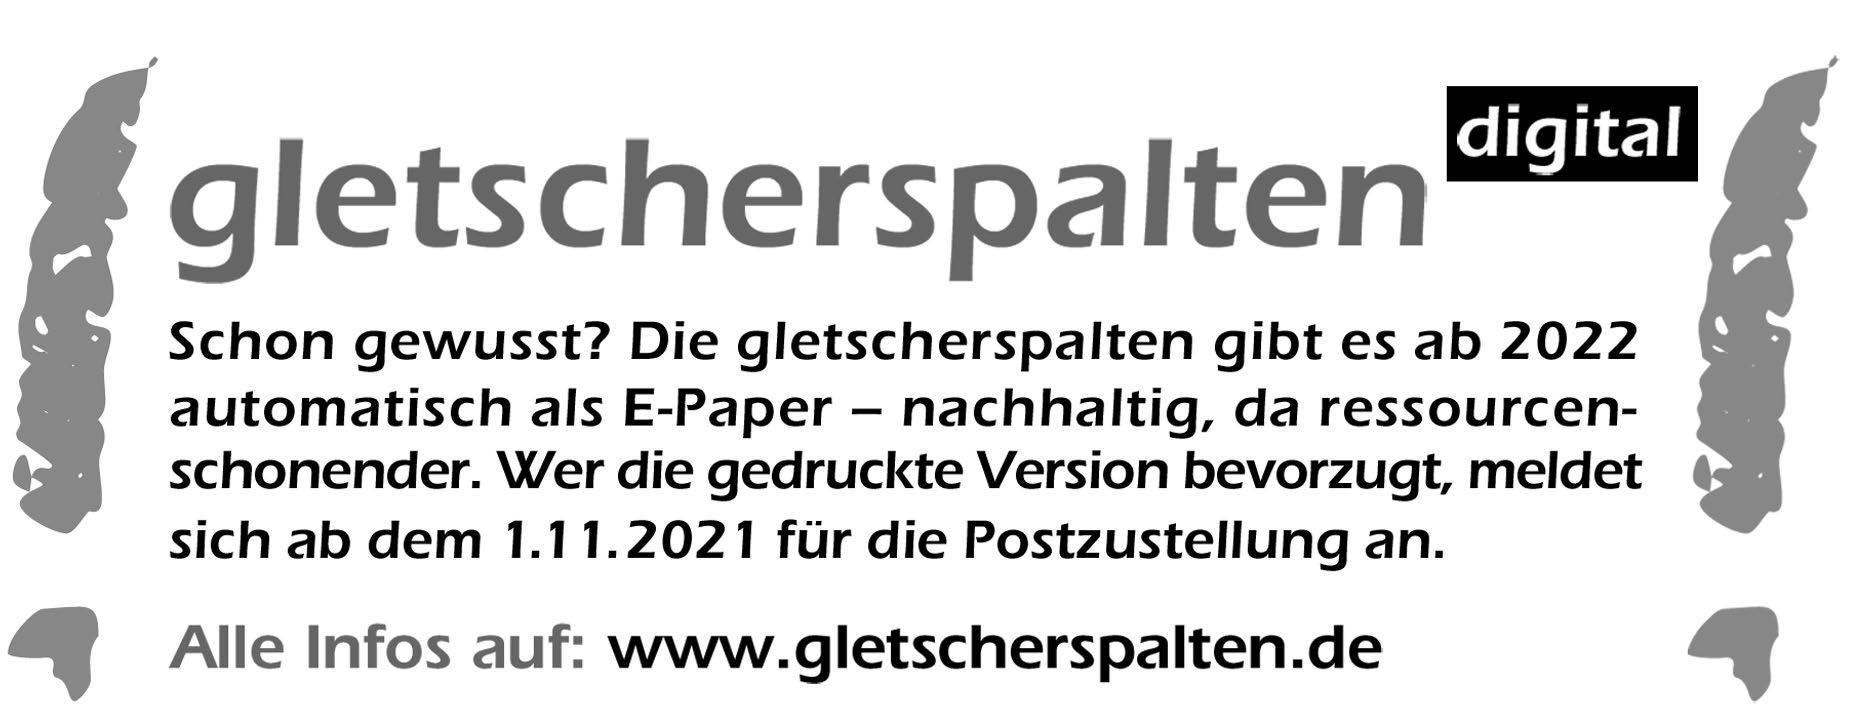 Page 26 of gletscherspalten digital